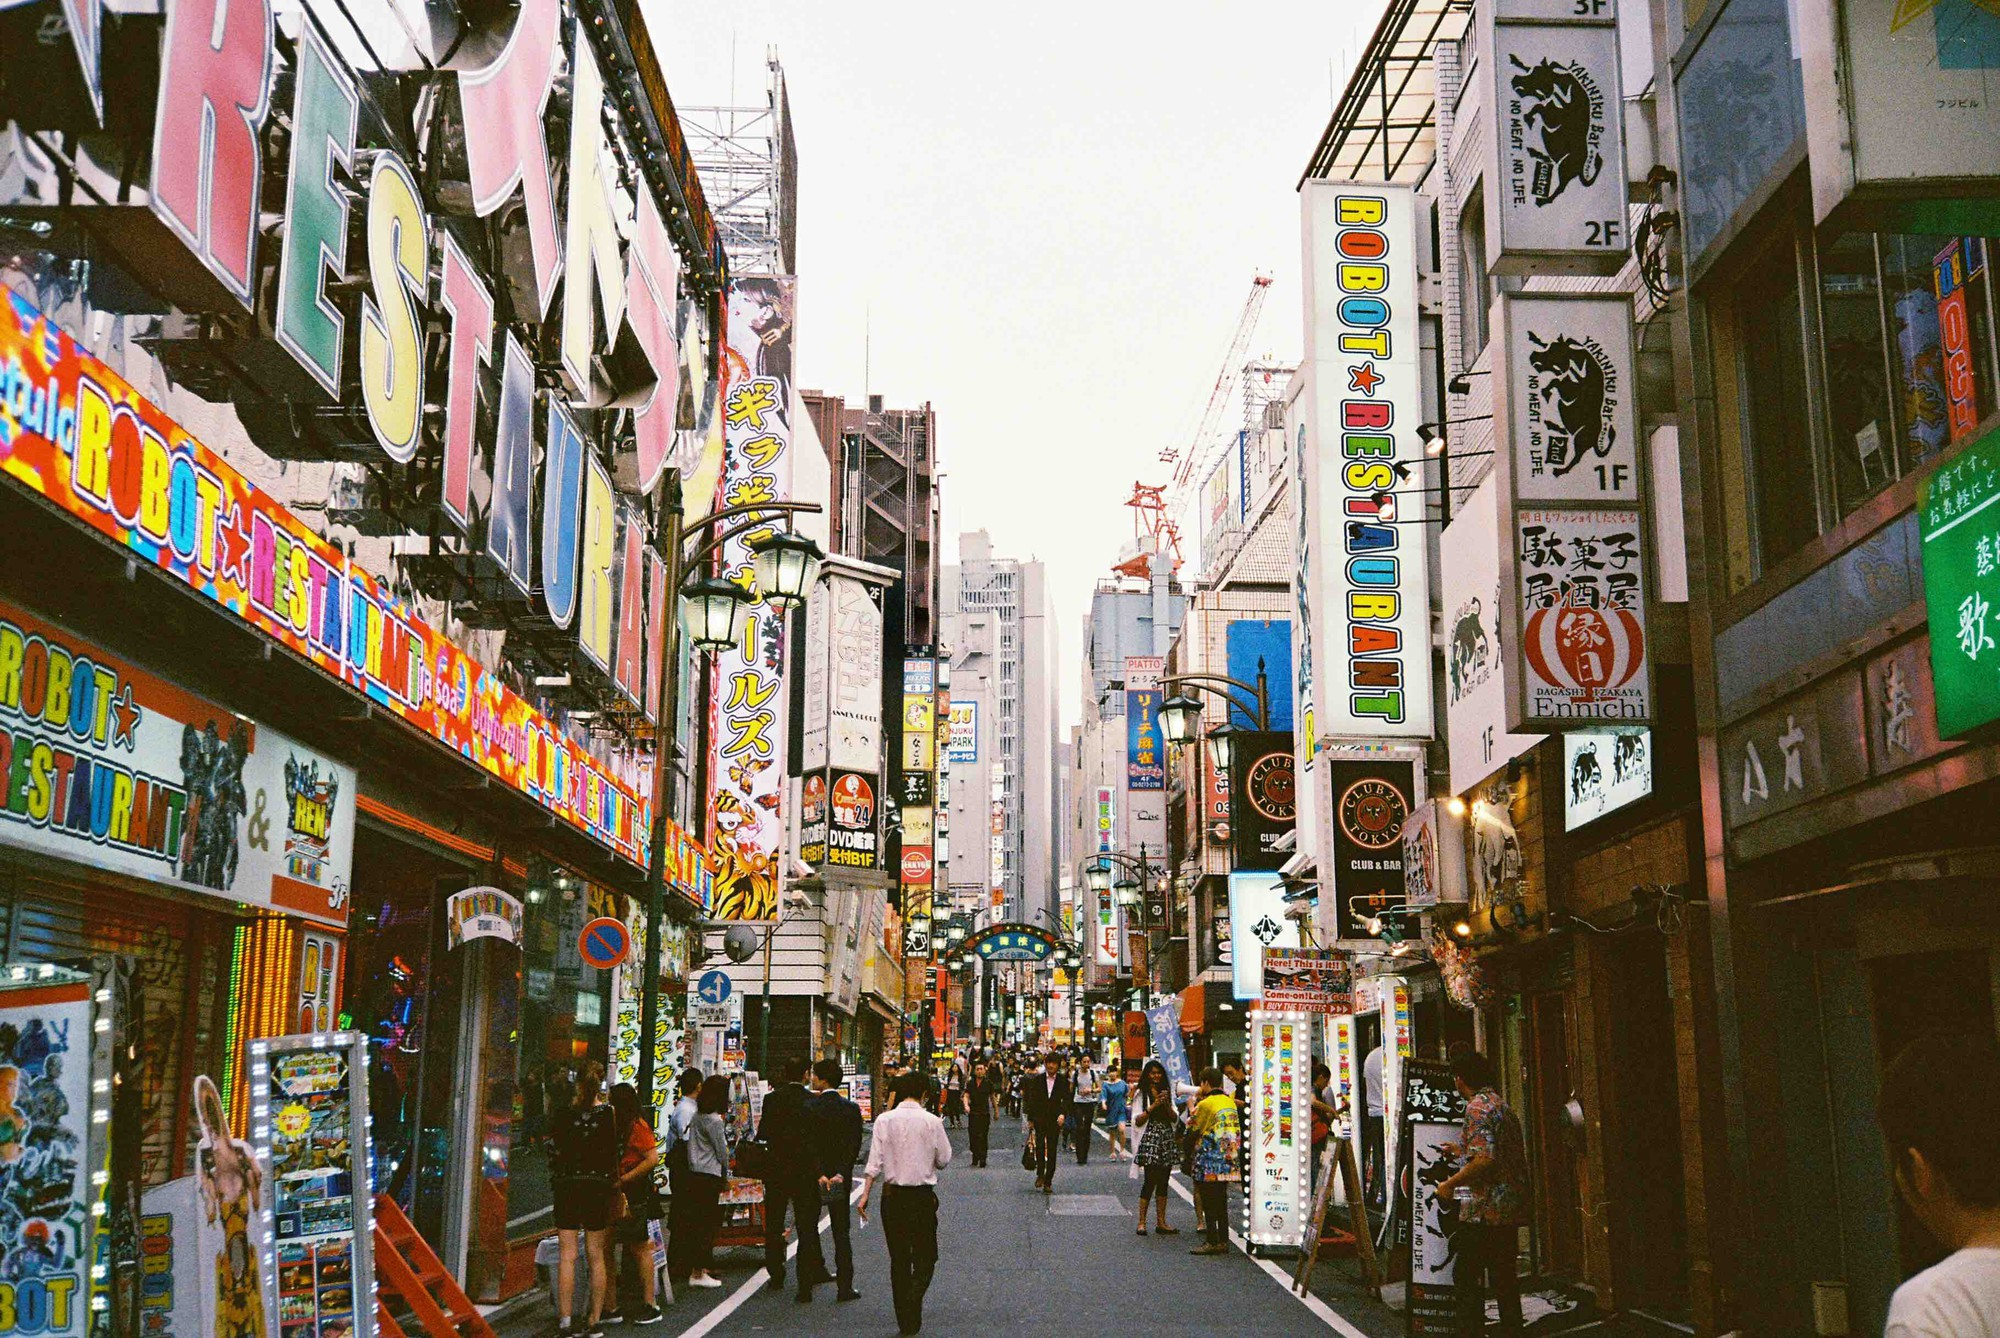 3 điểm được kiểm tra trong Tokyo, Tokyo, số 1 có 9,6 lượt xem trên Instagram! - 12.